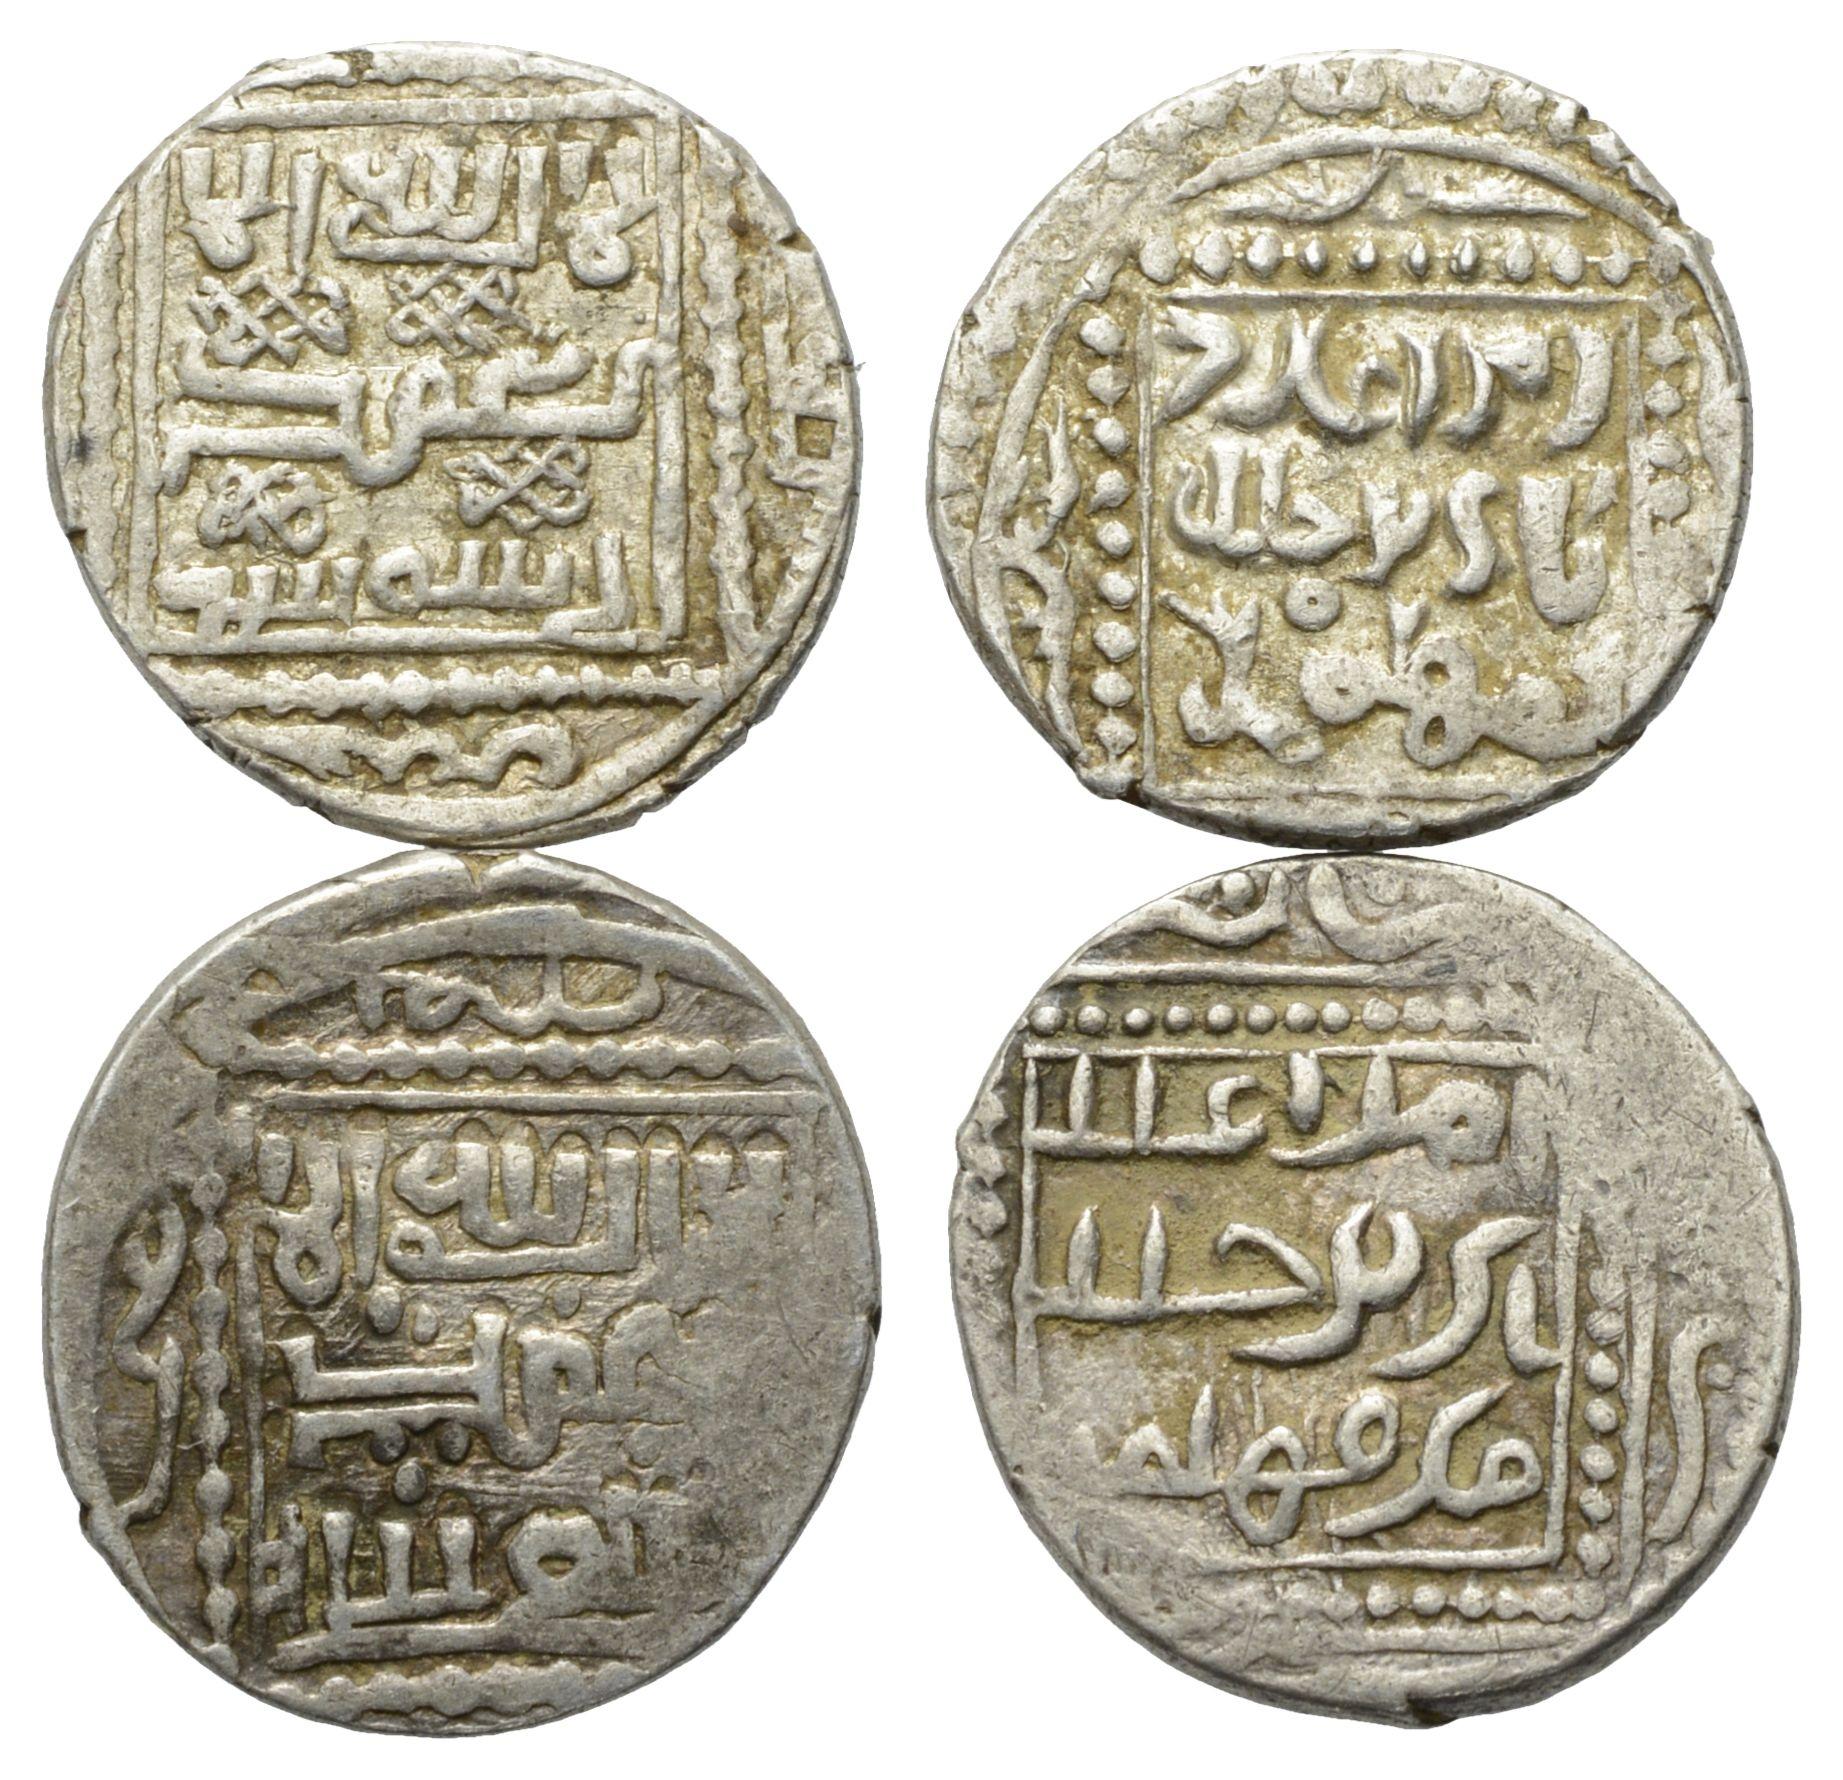 kann man coins über exrates verkaufen